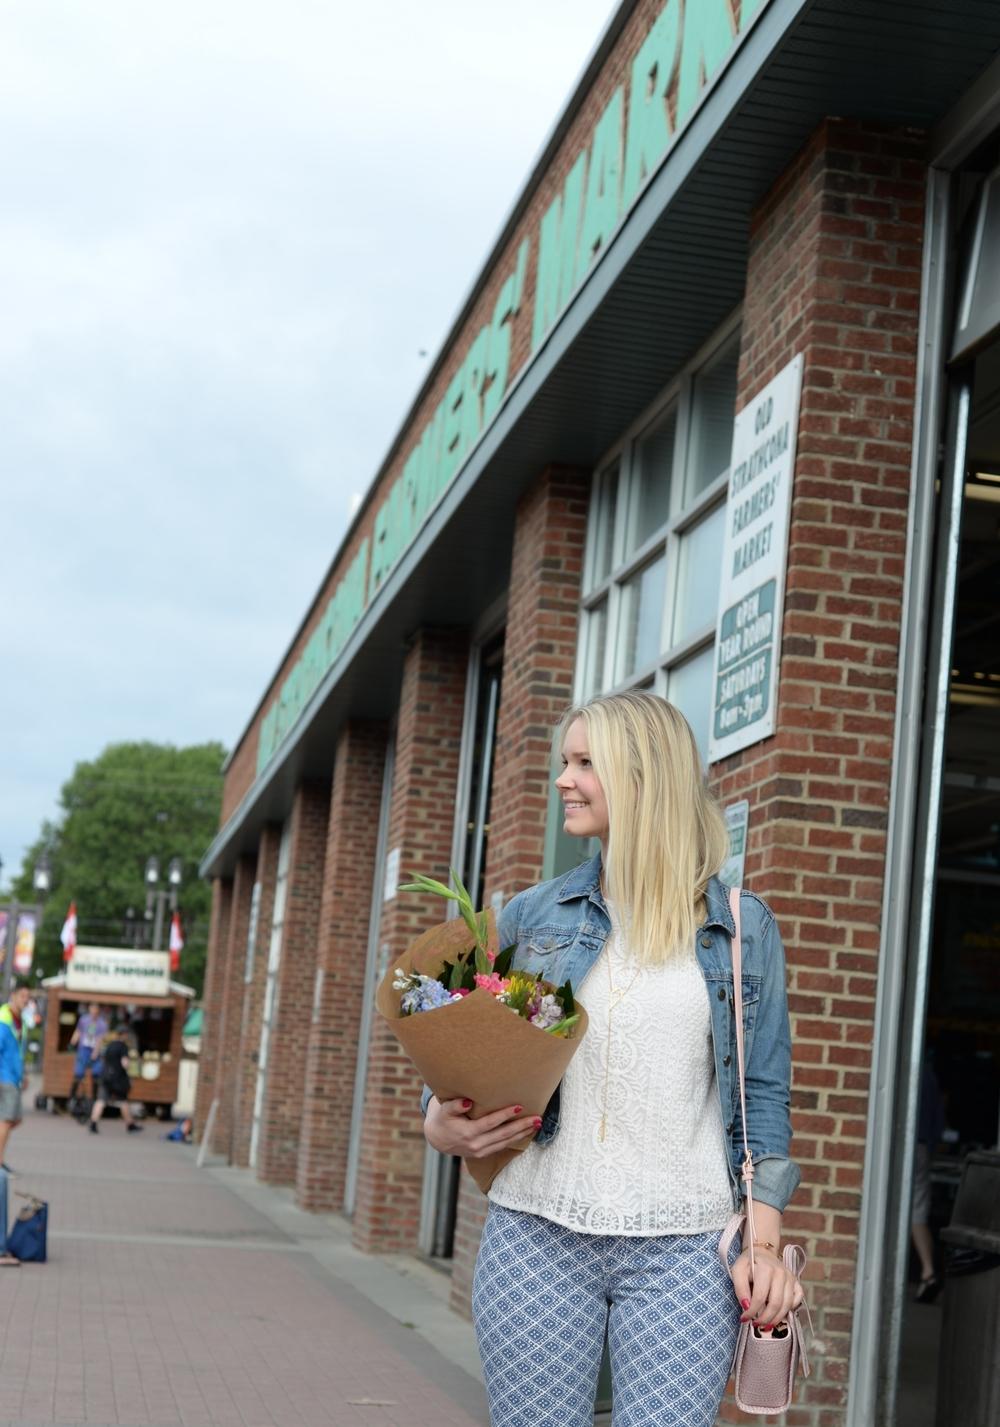 Old Strathcona Market